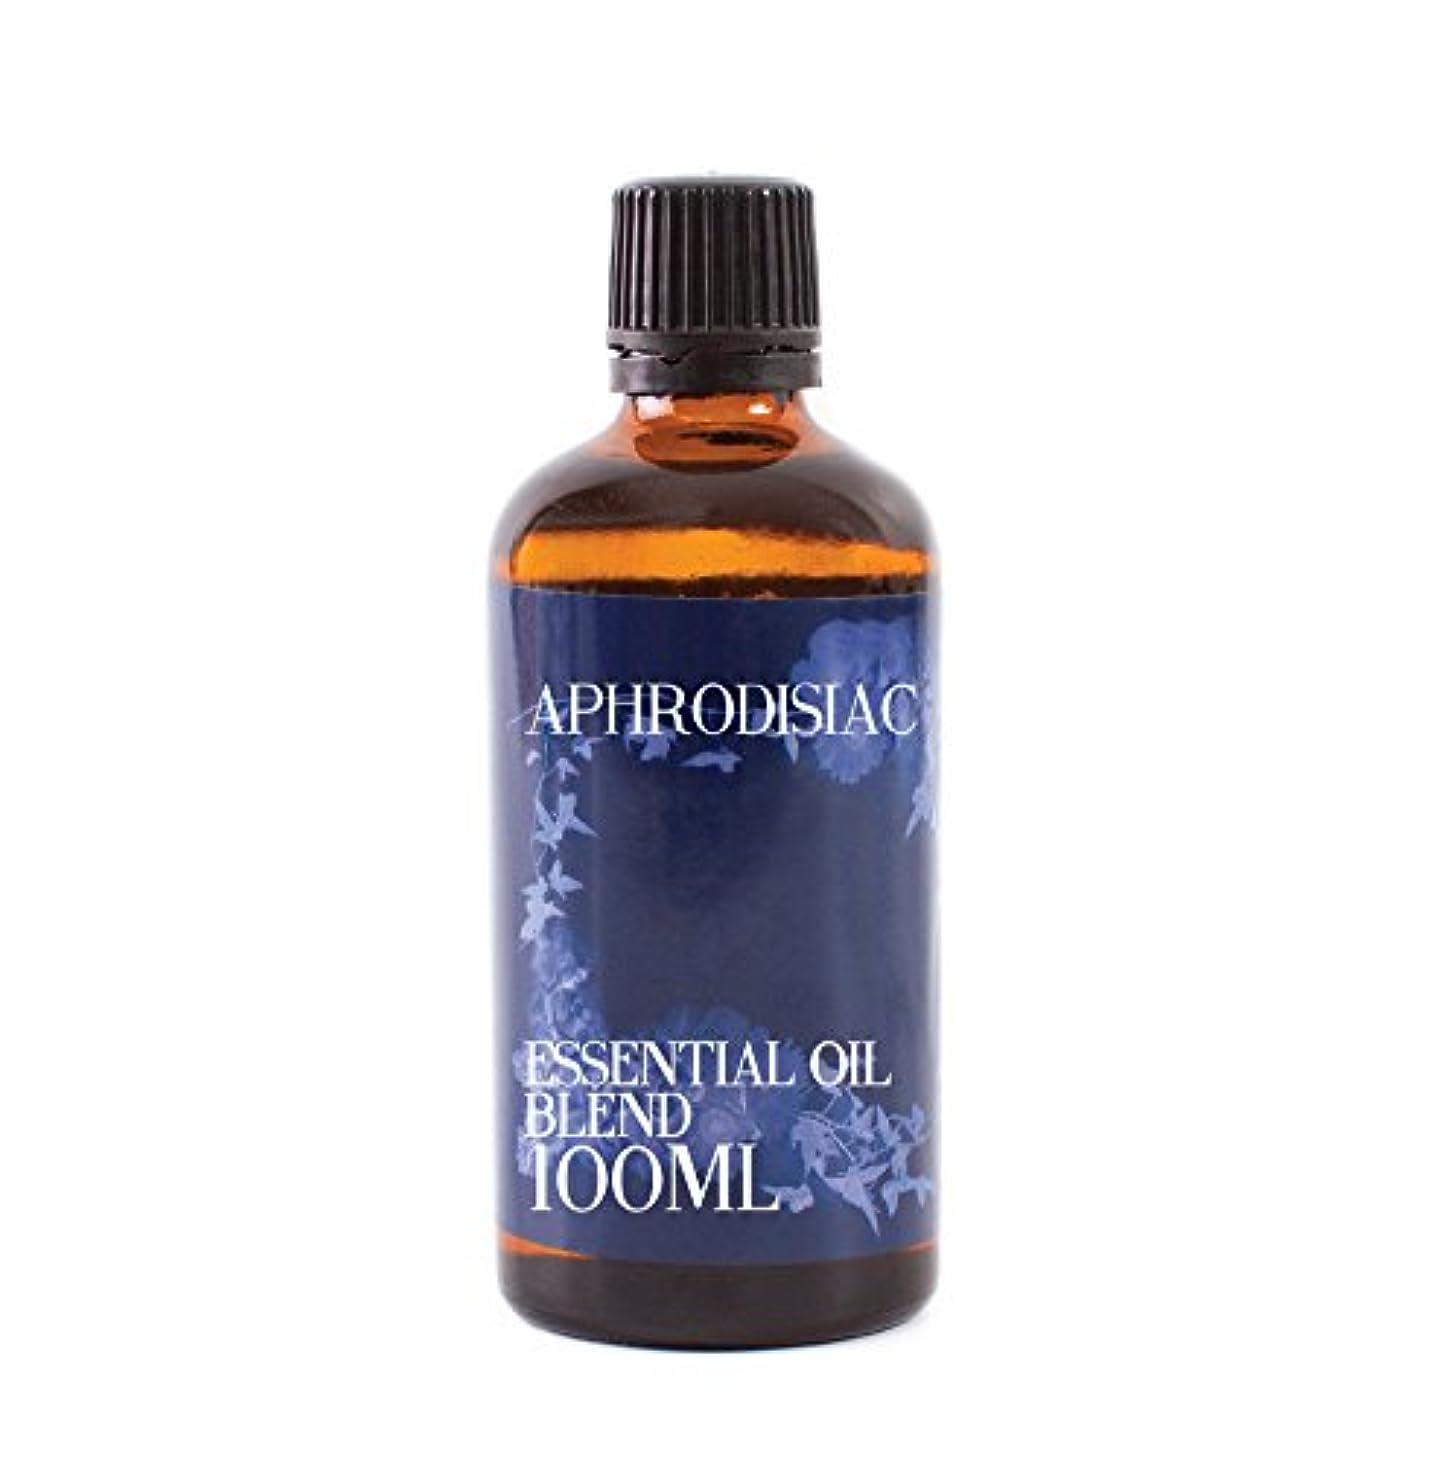 バリア現れるクモMystix London | Aphrodisiac Essential Oil Blend - 100ml - 100% Pure